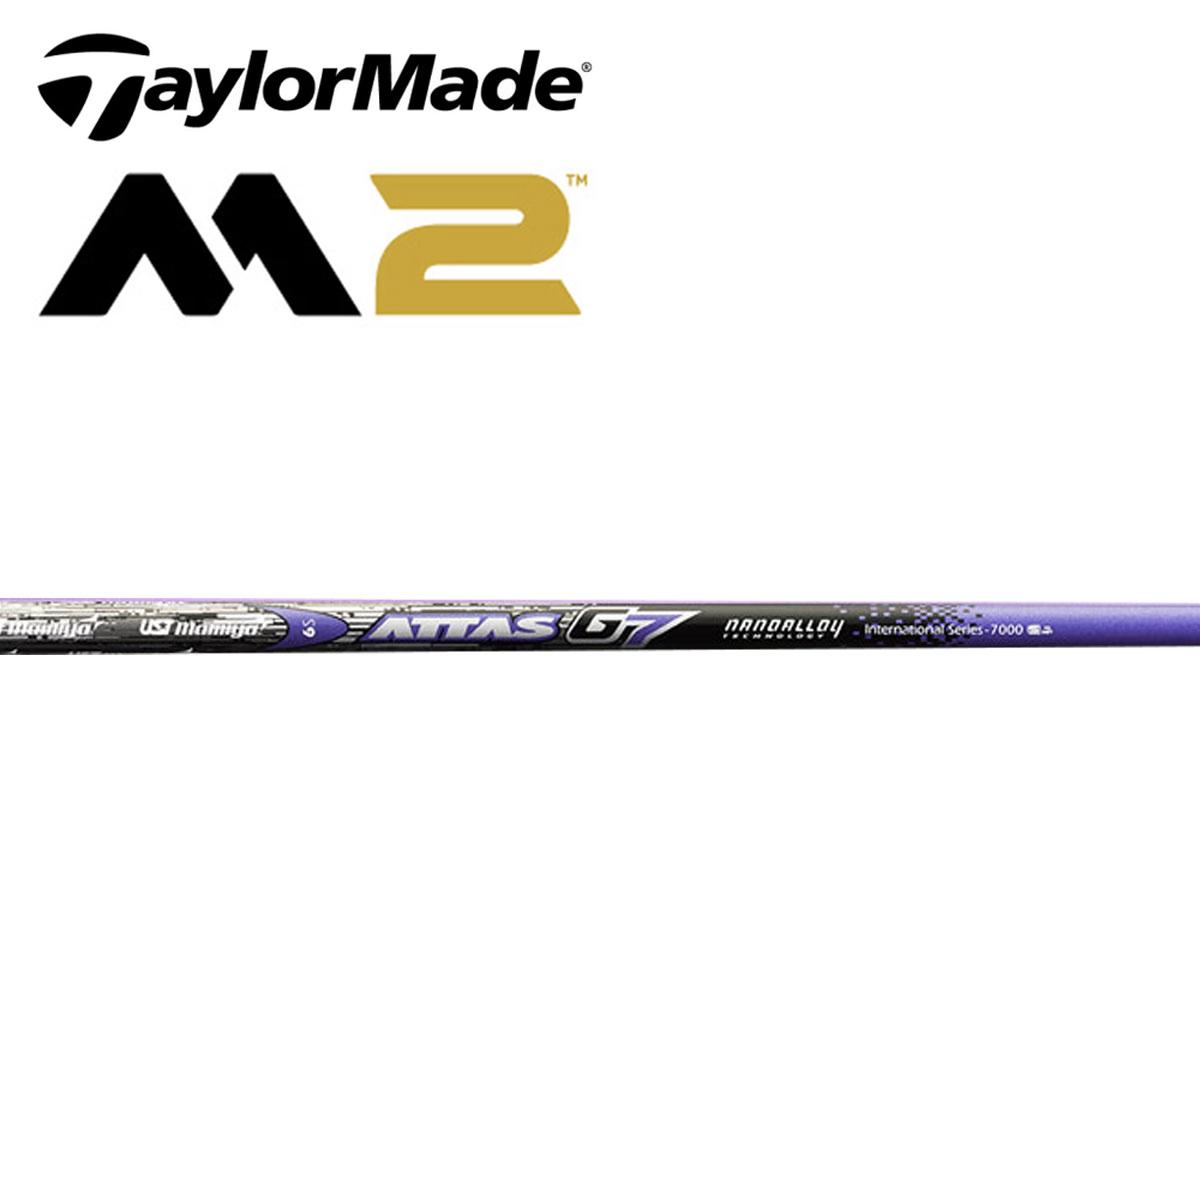 ATTAS G7シリーズ M2 ドライバーロフト9.5度用スリーブ付きシャフト 2016年モデル【テーラーメイド専用】